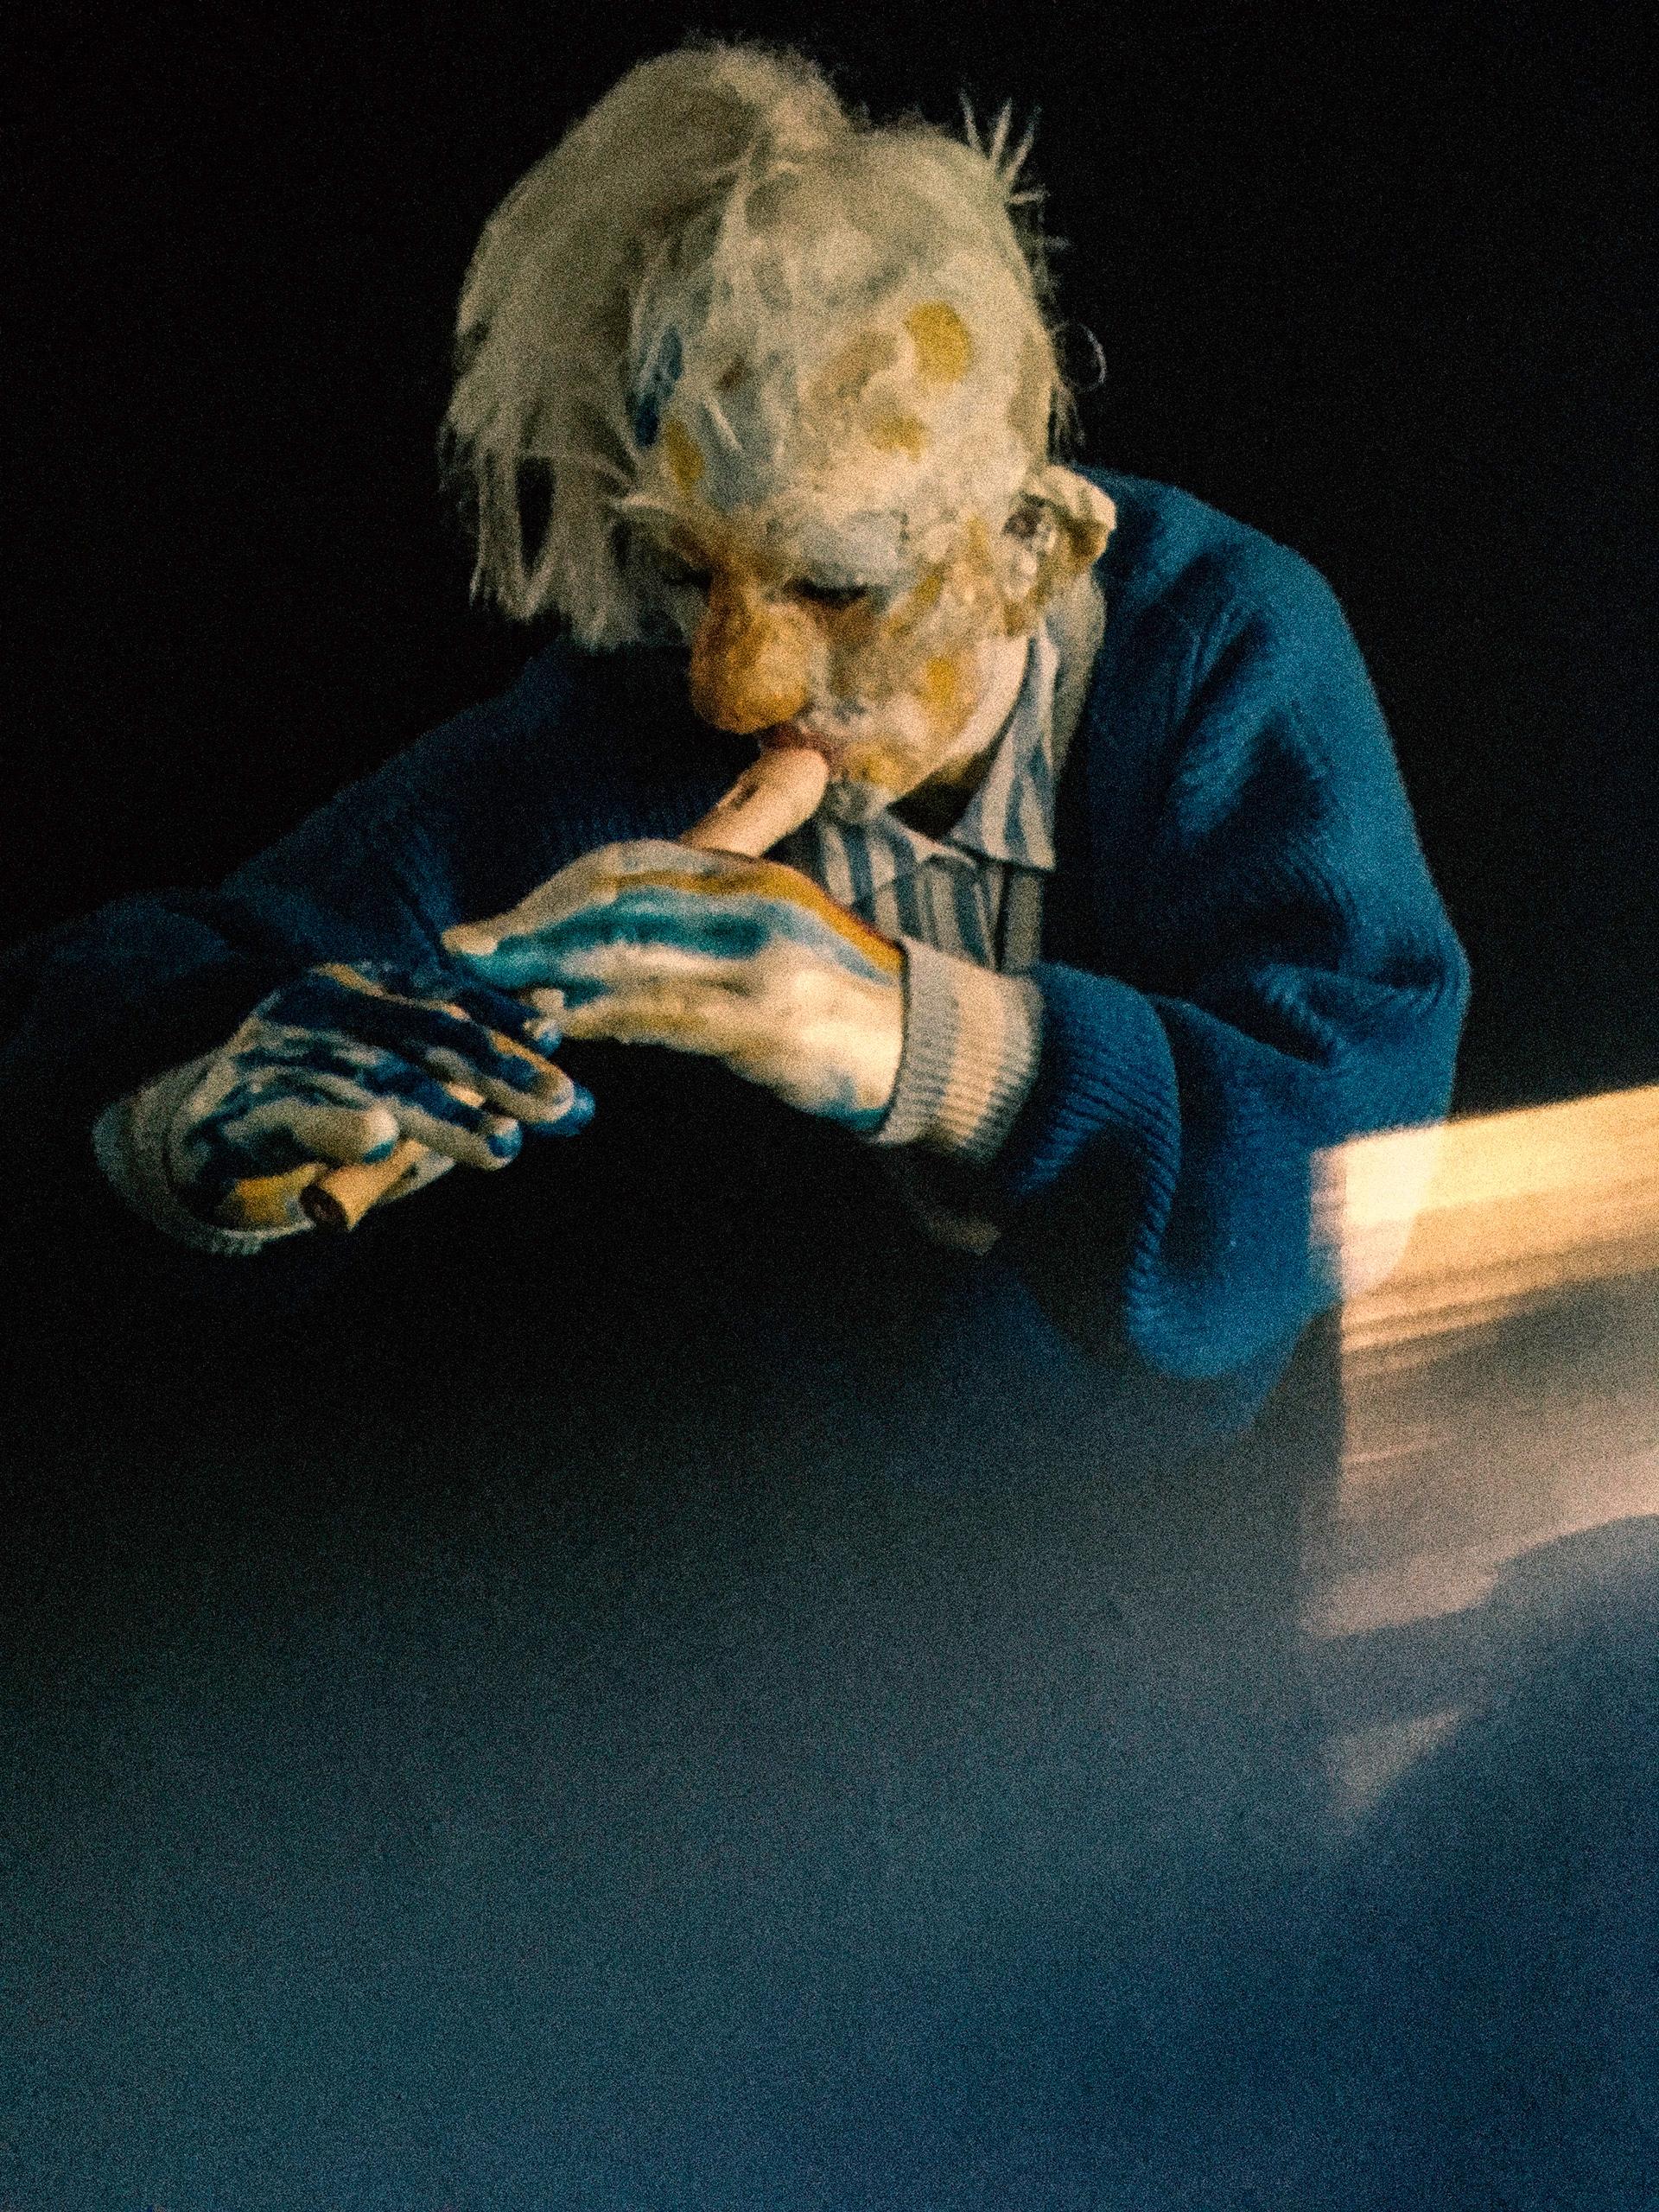 Zdjęcie przedstawia baśniową postać grającą na flecie.